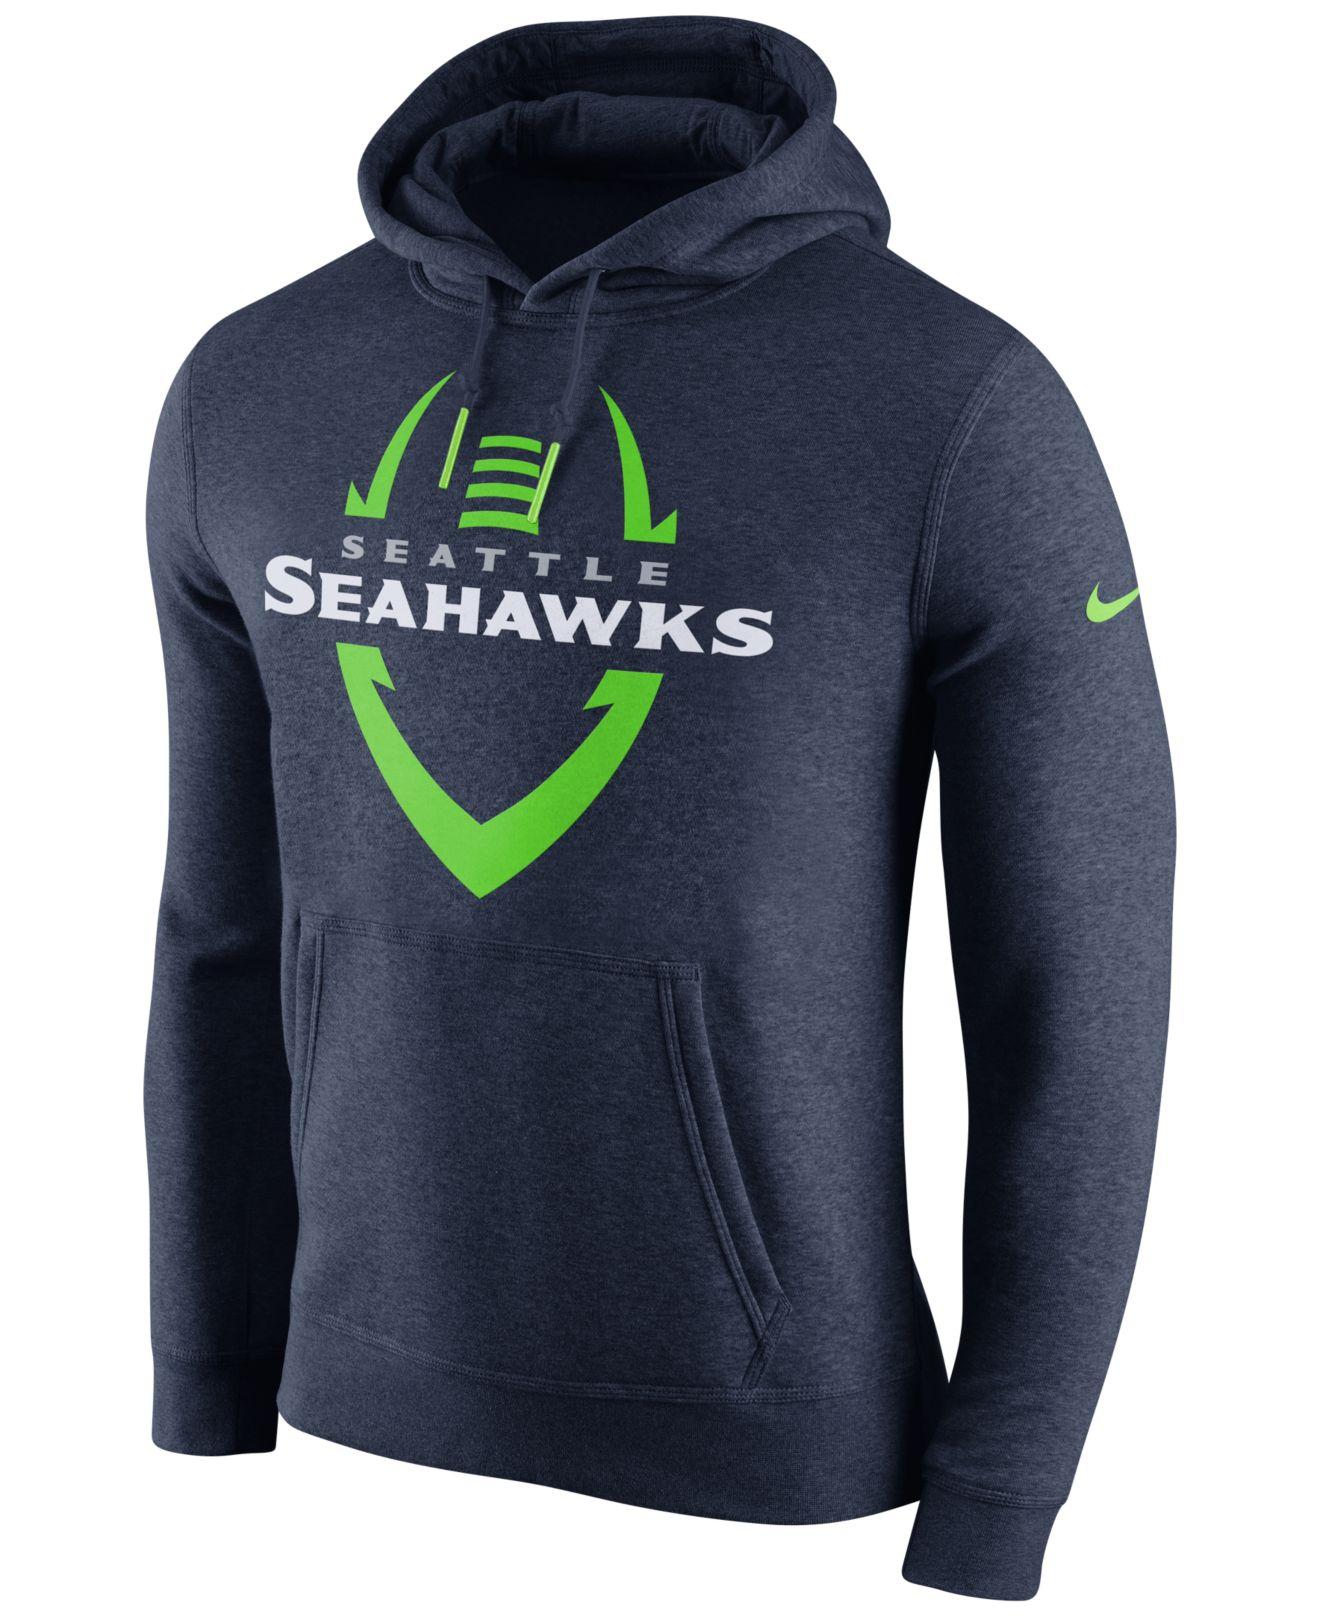 Nike seahawks hoodie